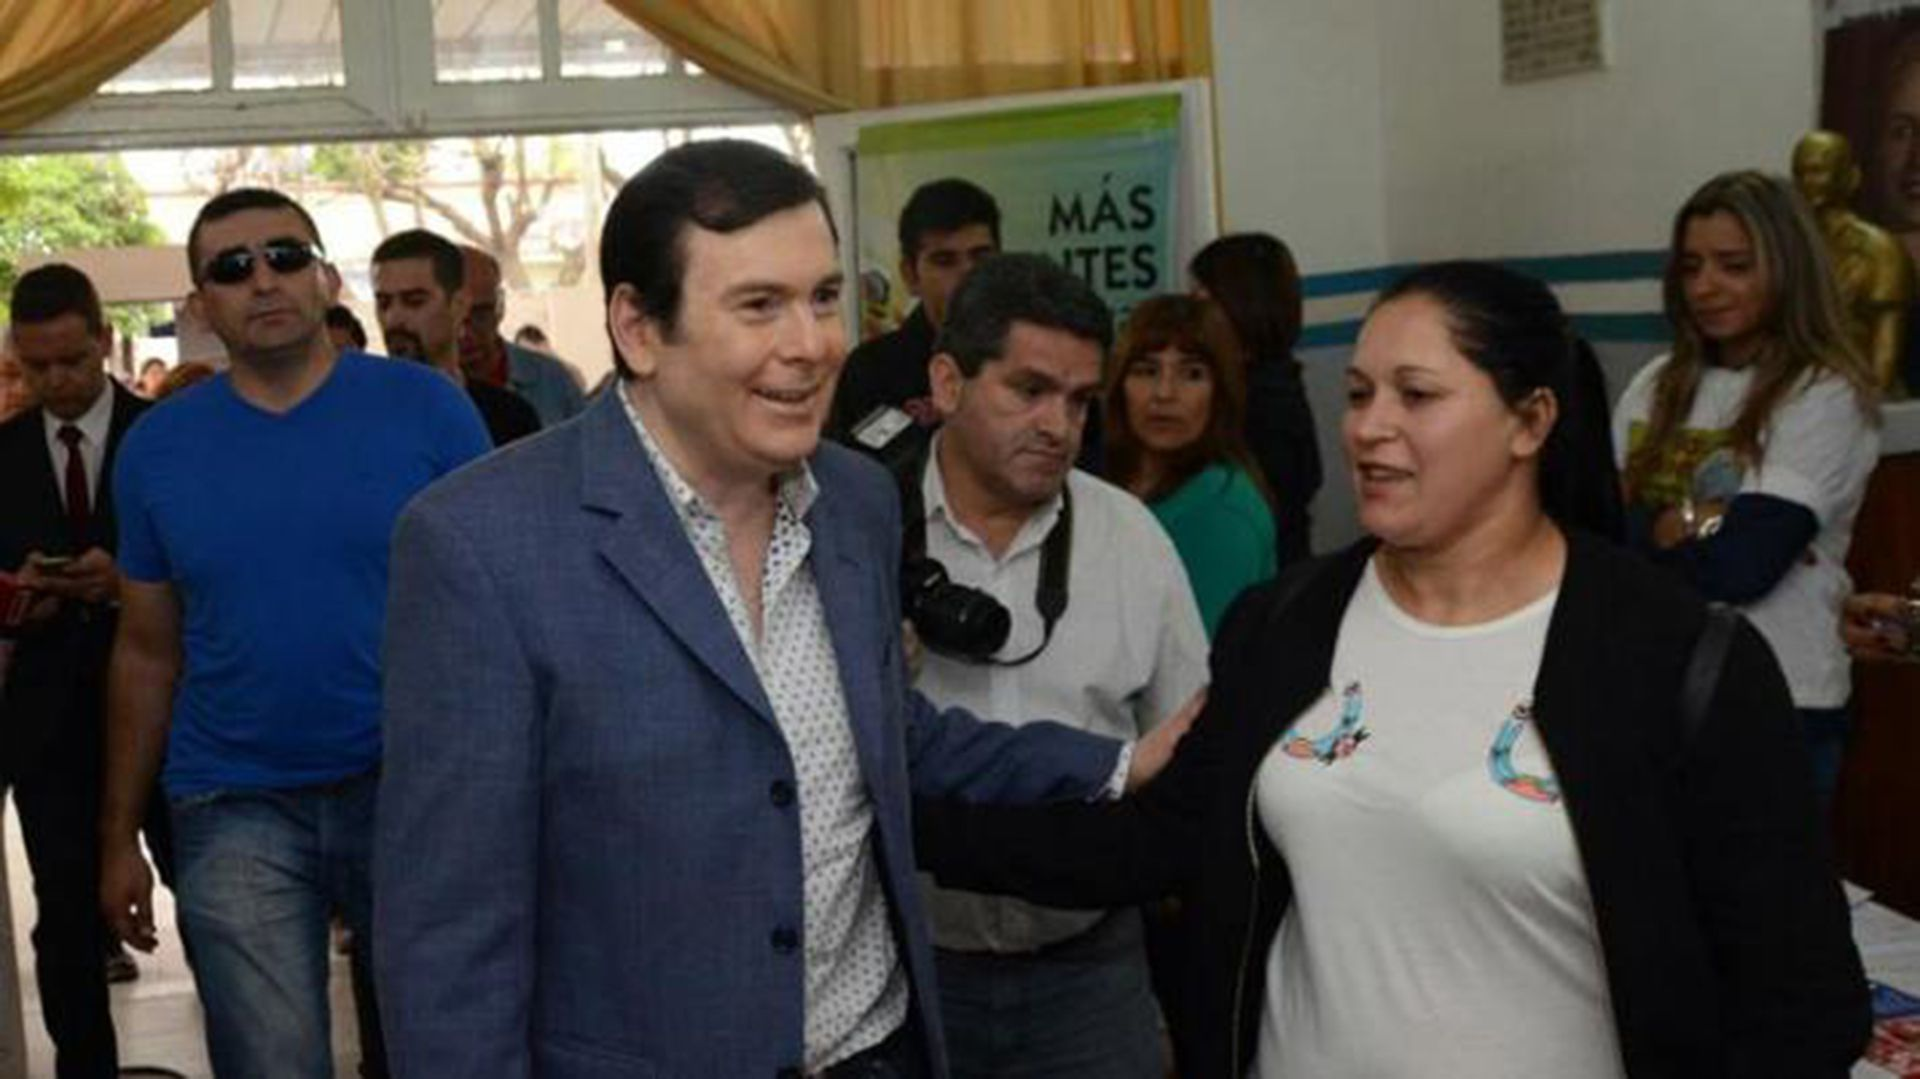 """""""Los gobernadores de la oposición son más duros con la cuarentena que nosotros, los del oficialismo"""", aseguró el mandatario santiagueño  (Diario Panorama)"""